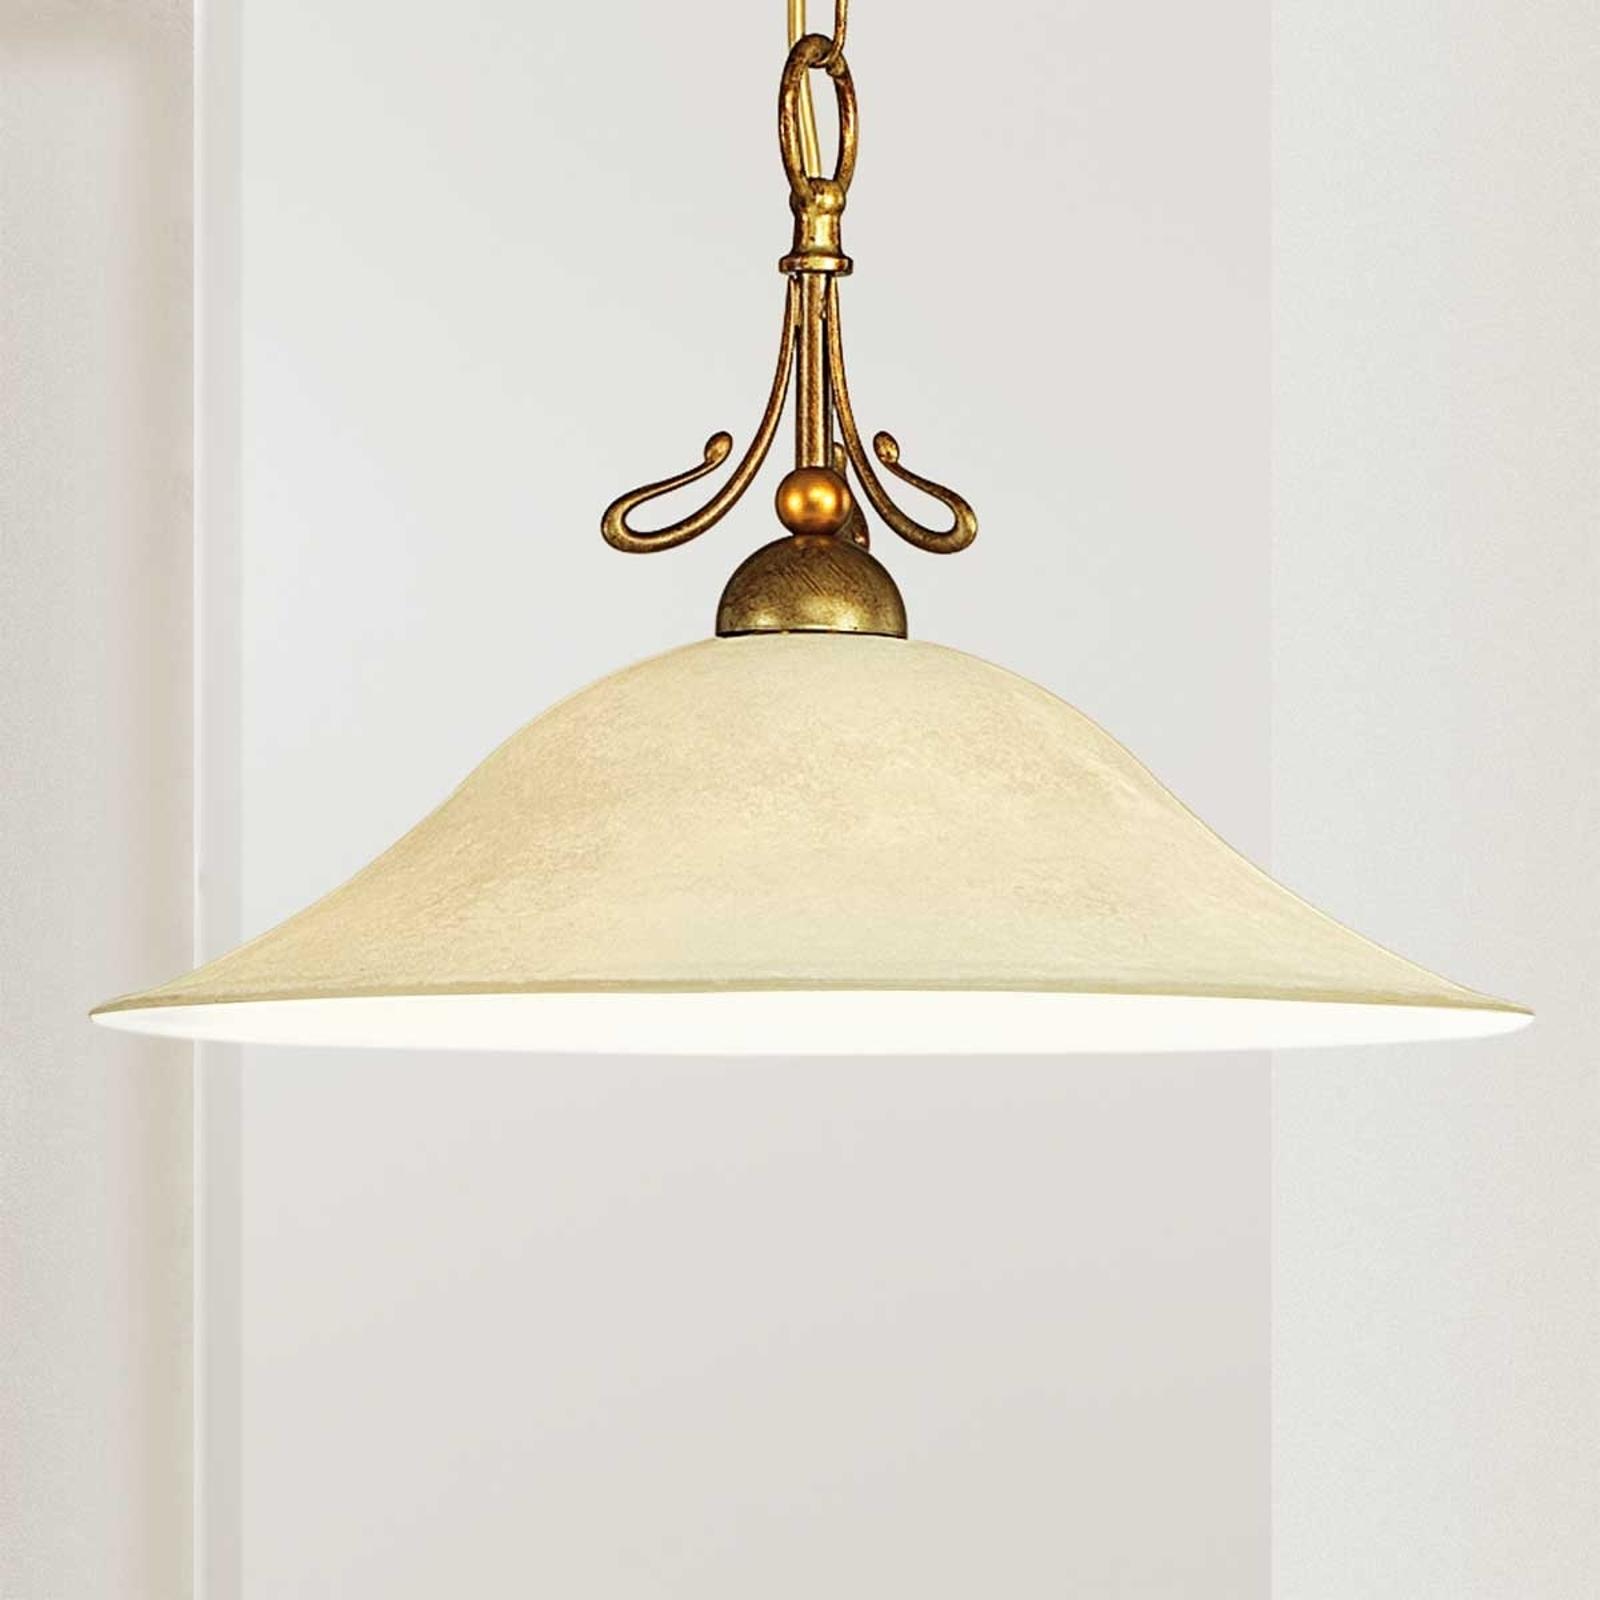 Hanglamp Antonio, antiek messing